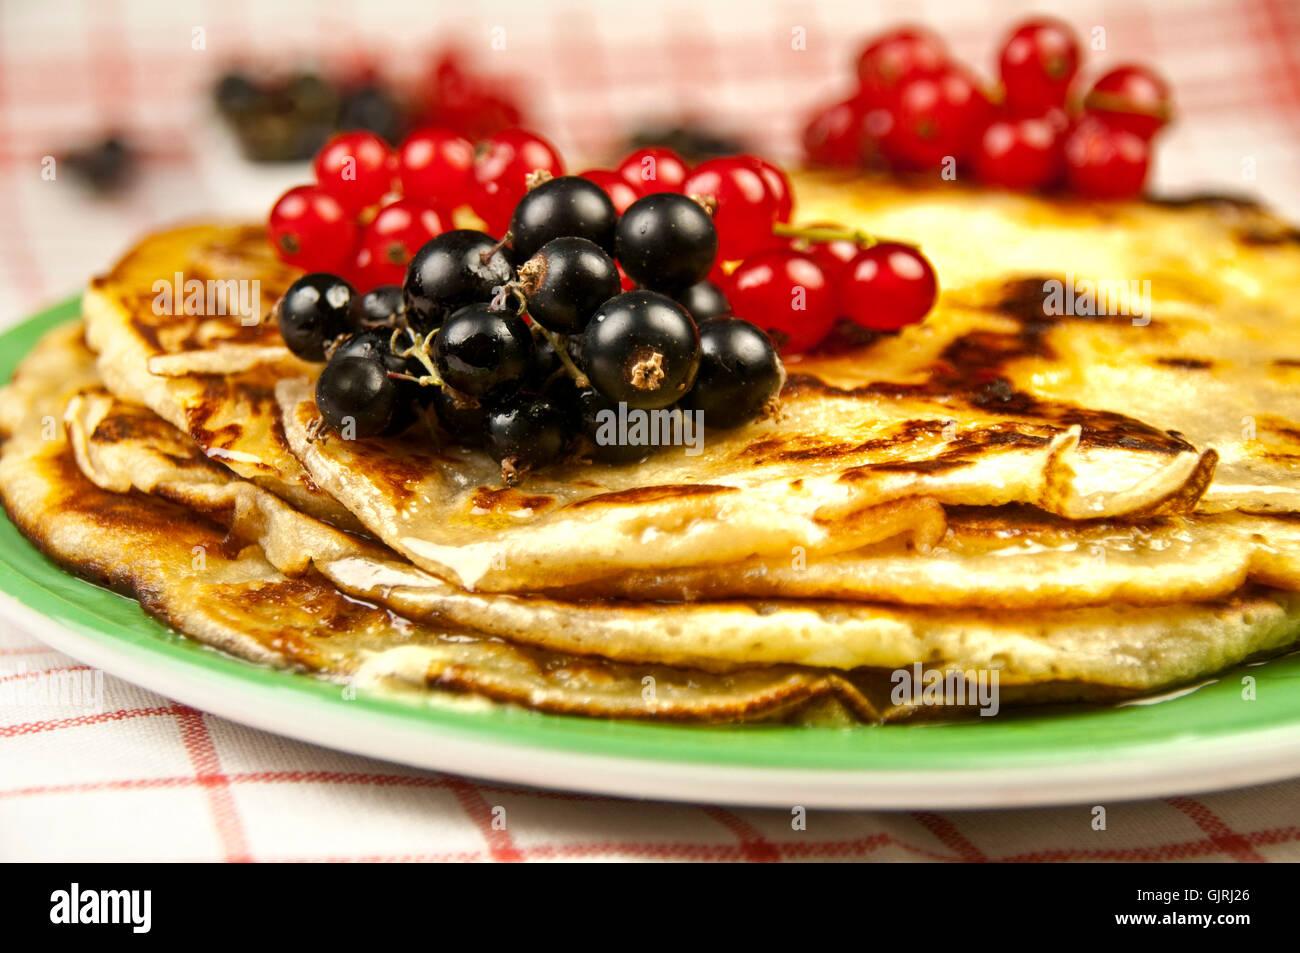 black currants pancakes pancake - Stock Image